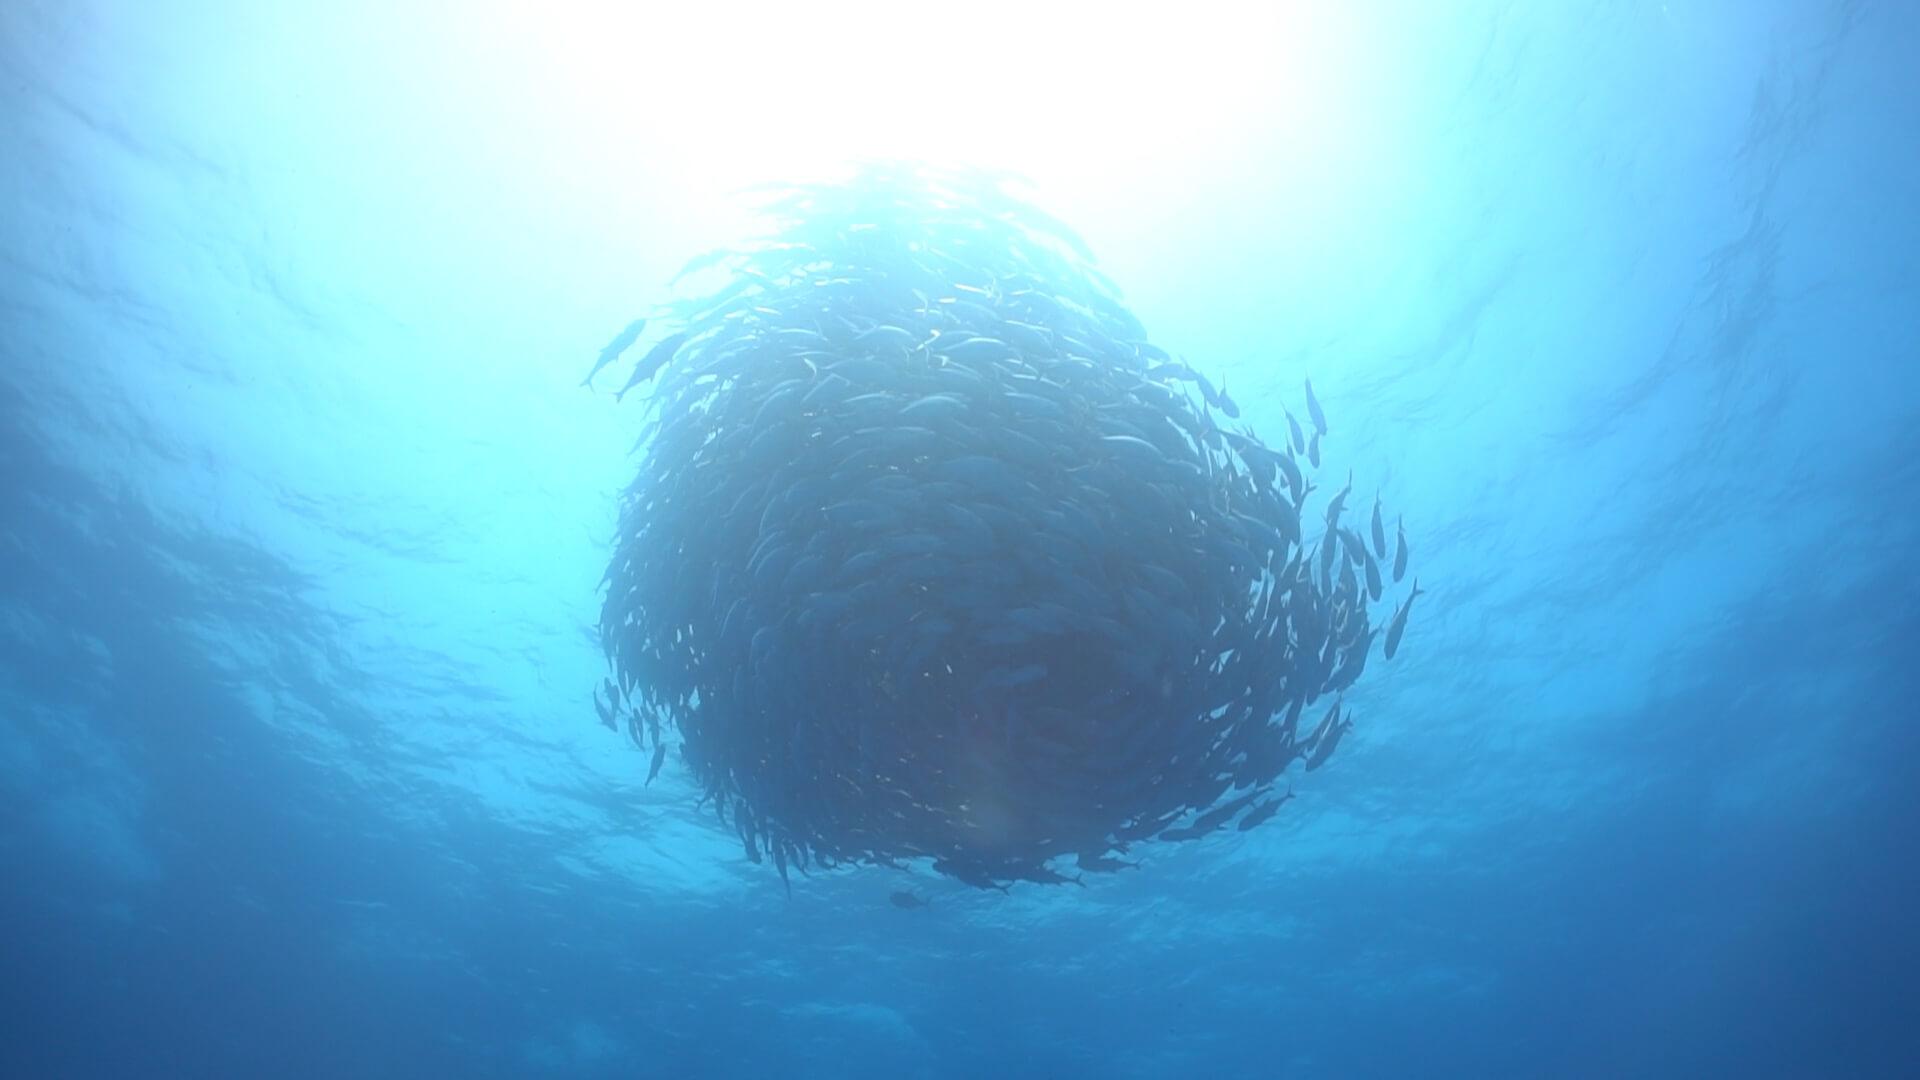 粟国ダイビングで会ったギンガメアジのサムネ画像